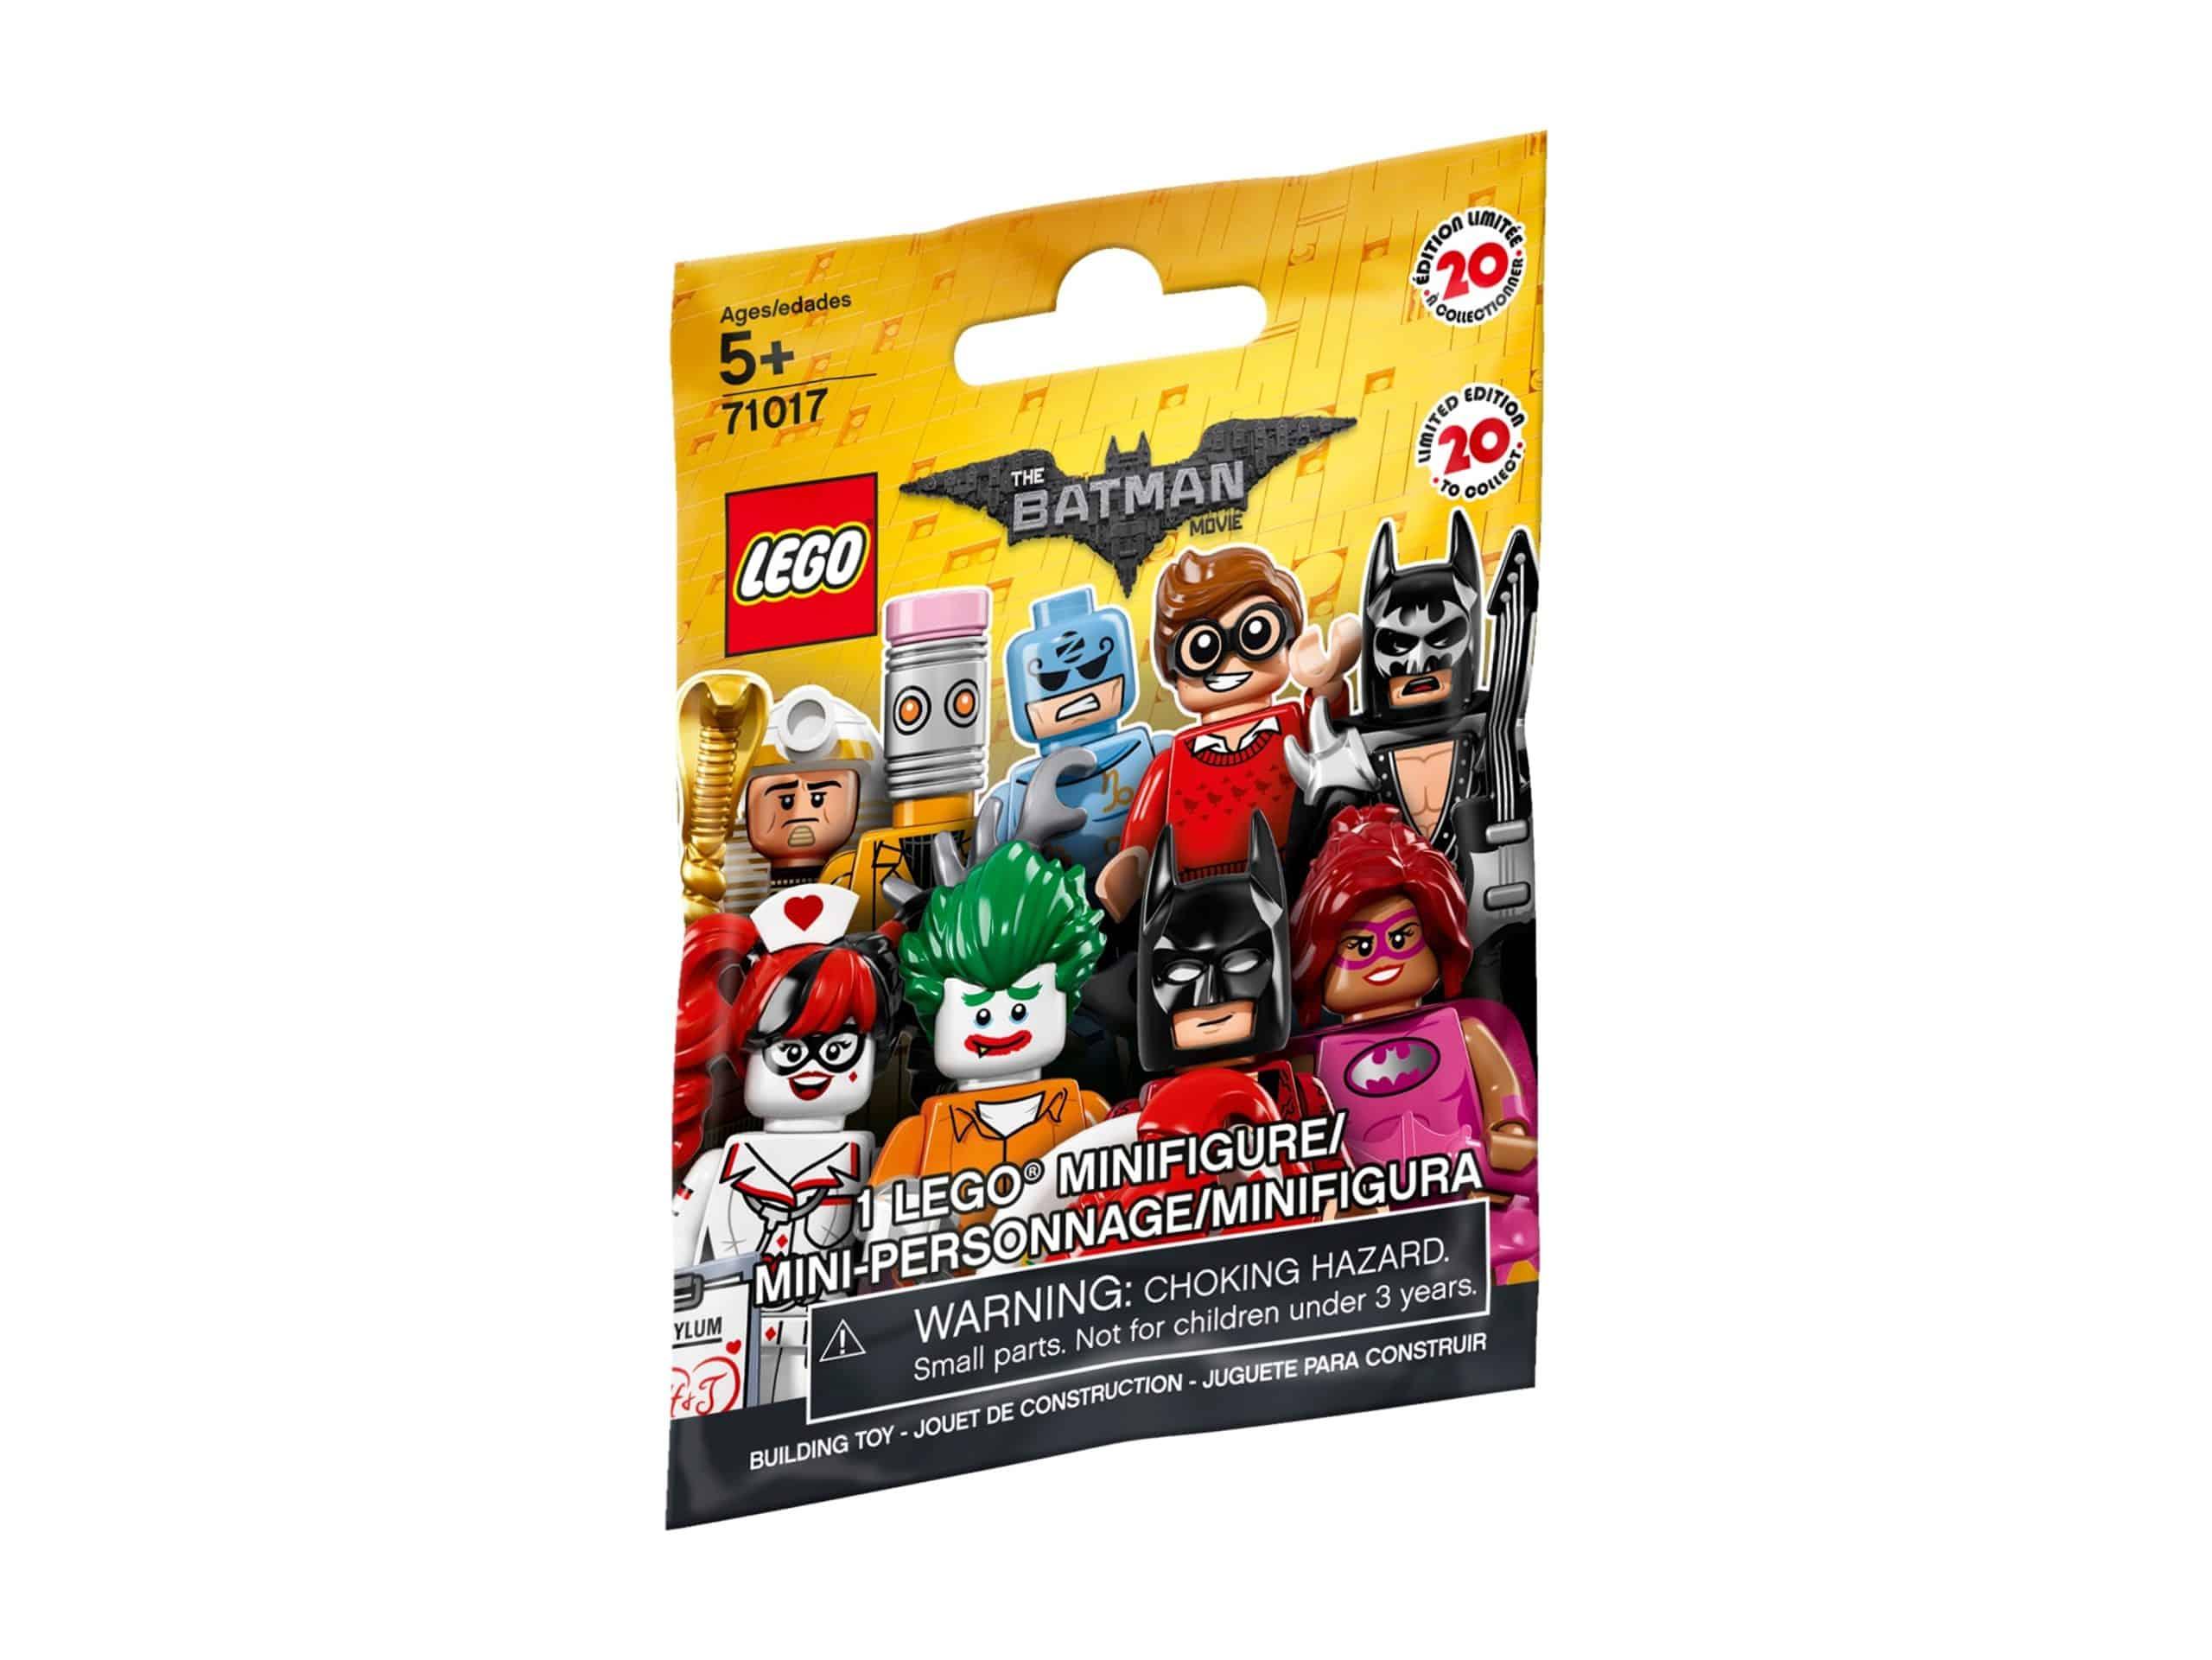 lego 71017 batman filmen scaled